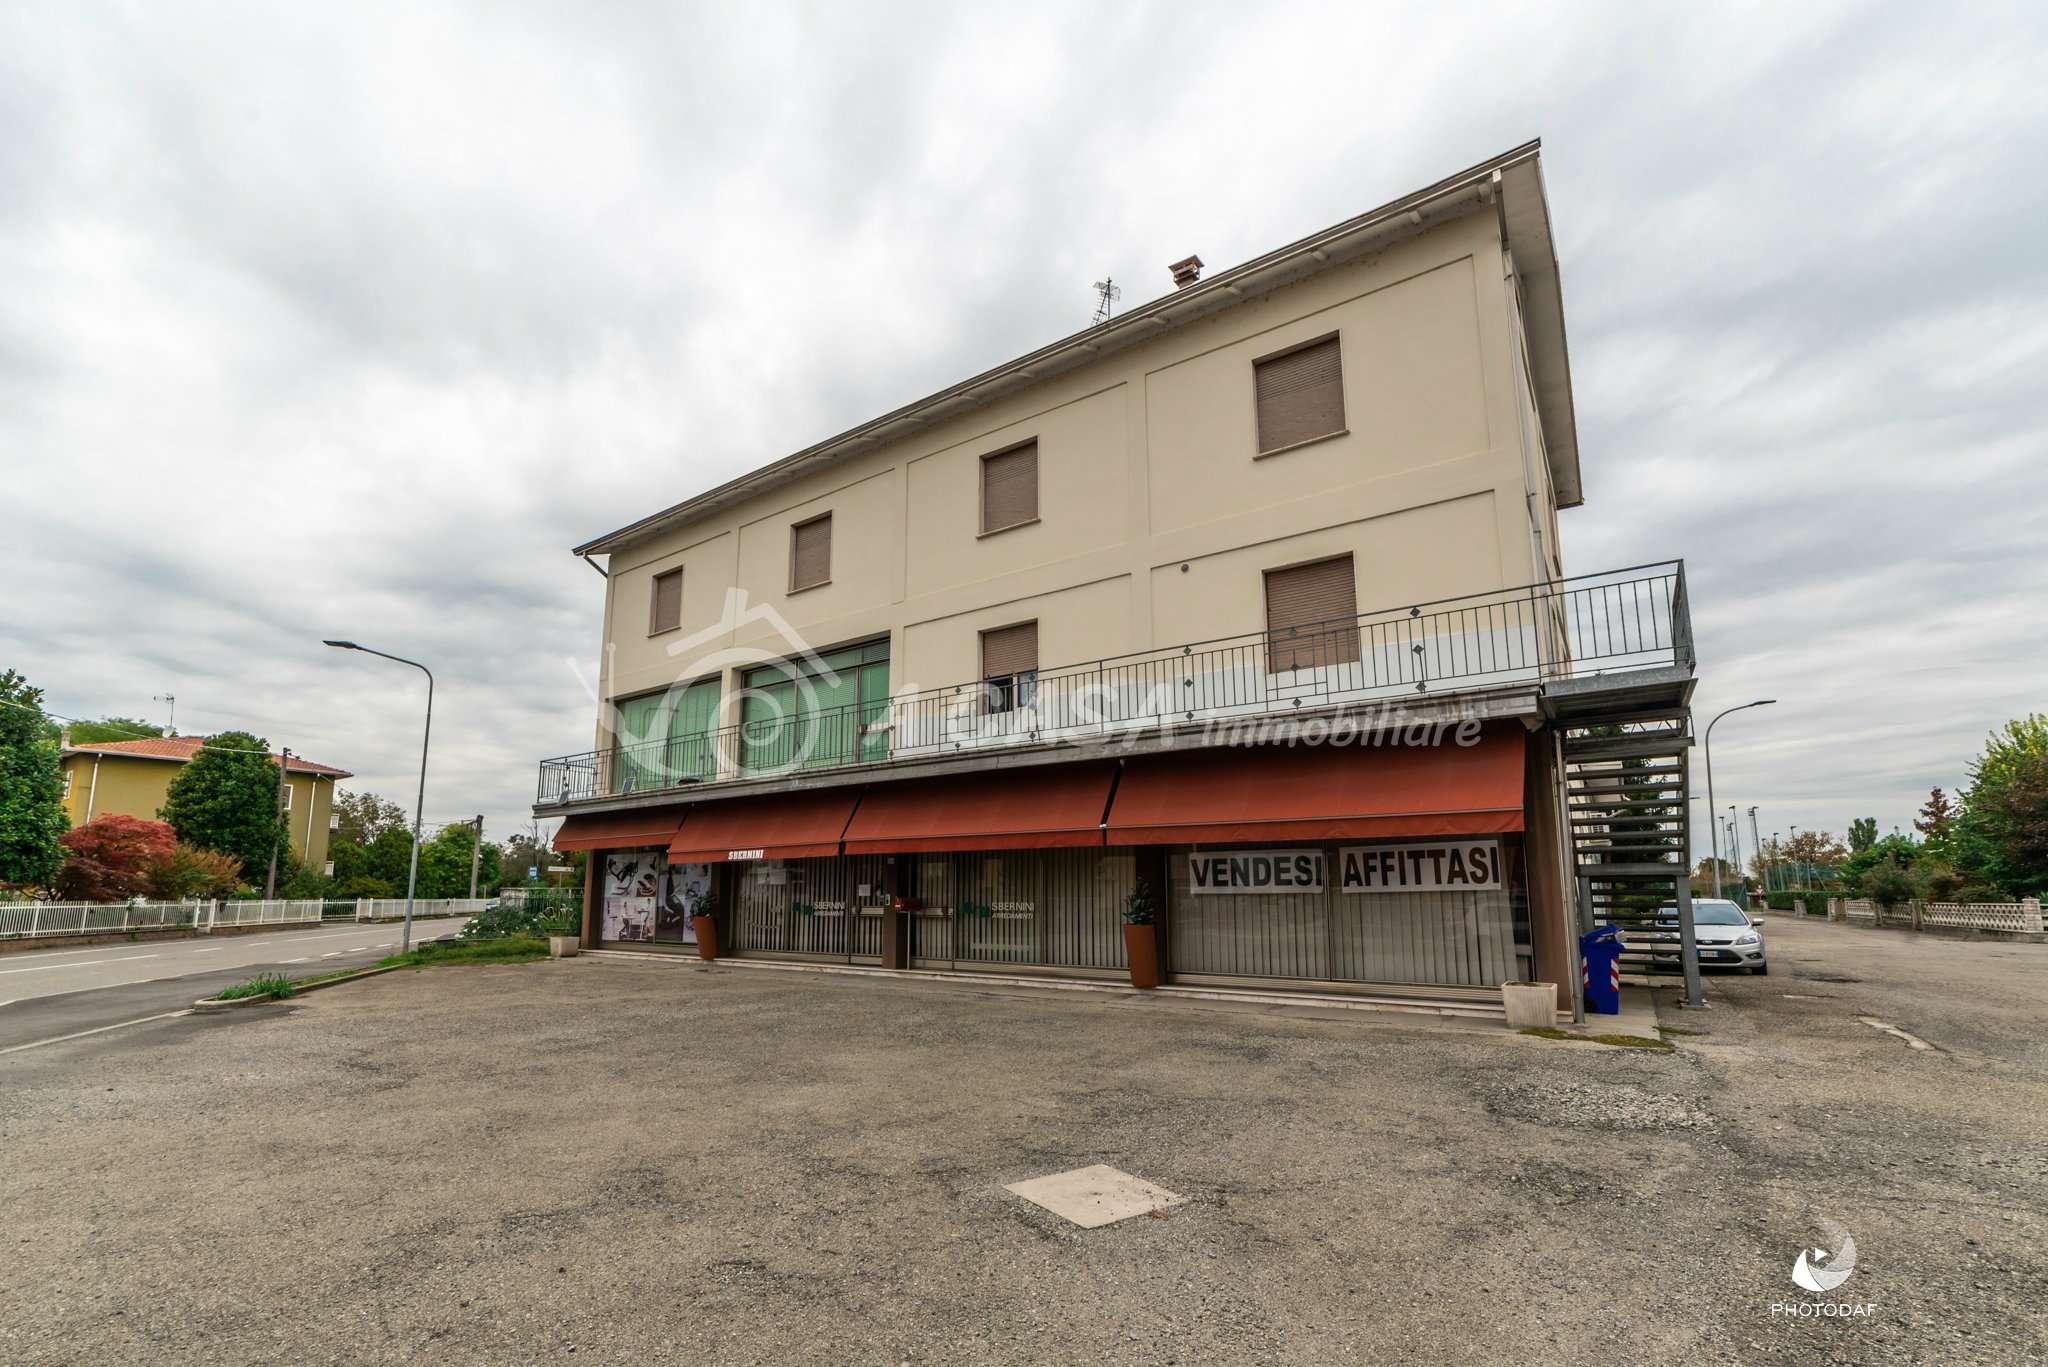 Palazzo / Stabile in vendita a Sissa-Trecasali, 4 locali, prezzo € 229.000 | CambioCasa.it